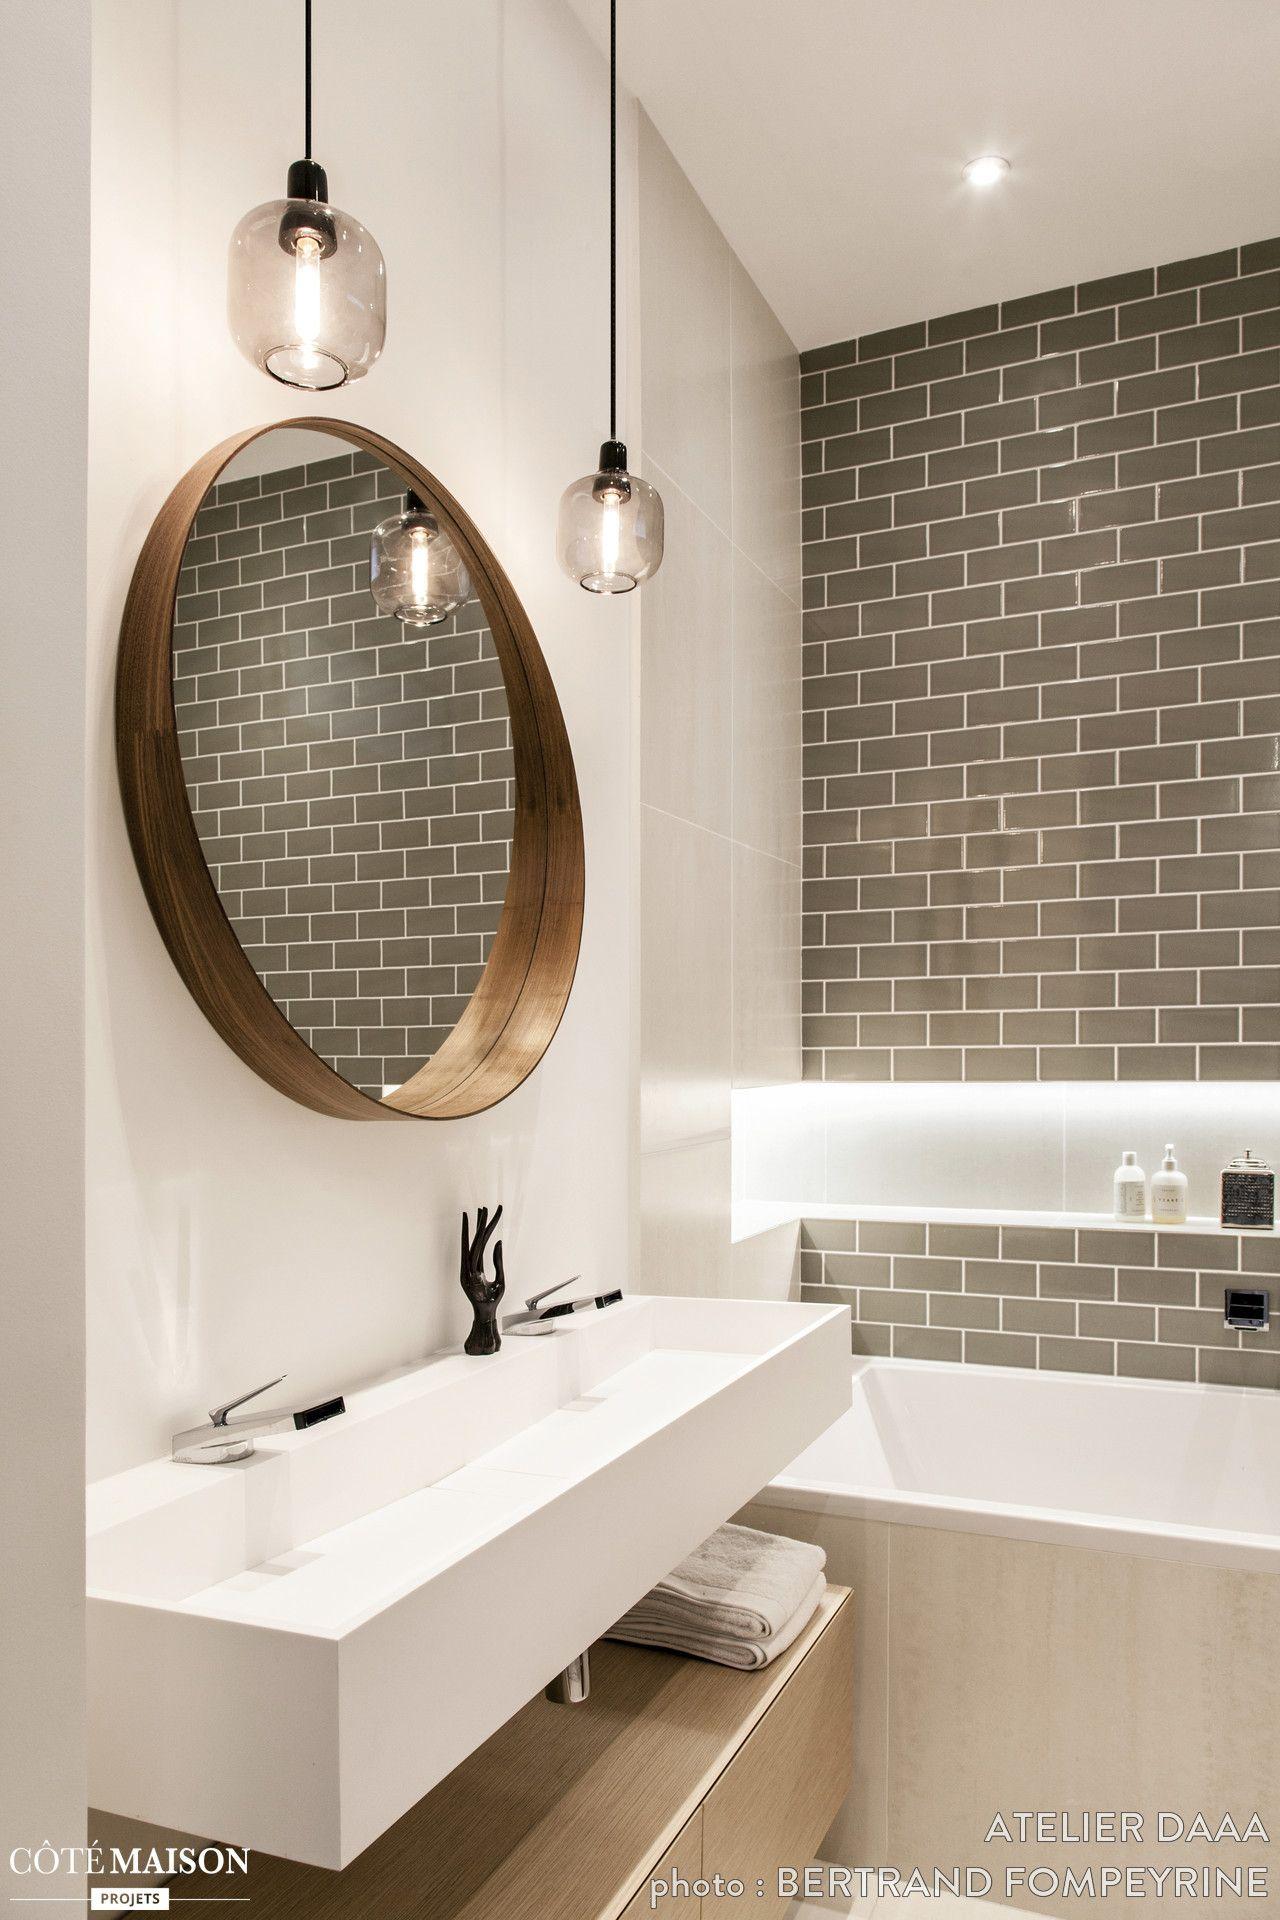 Le carrelage m tro couleur taupe le miroir rond et les - Miroir salle de bain rond ...